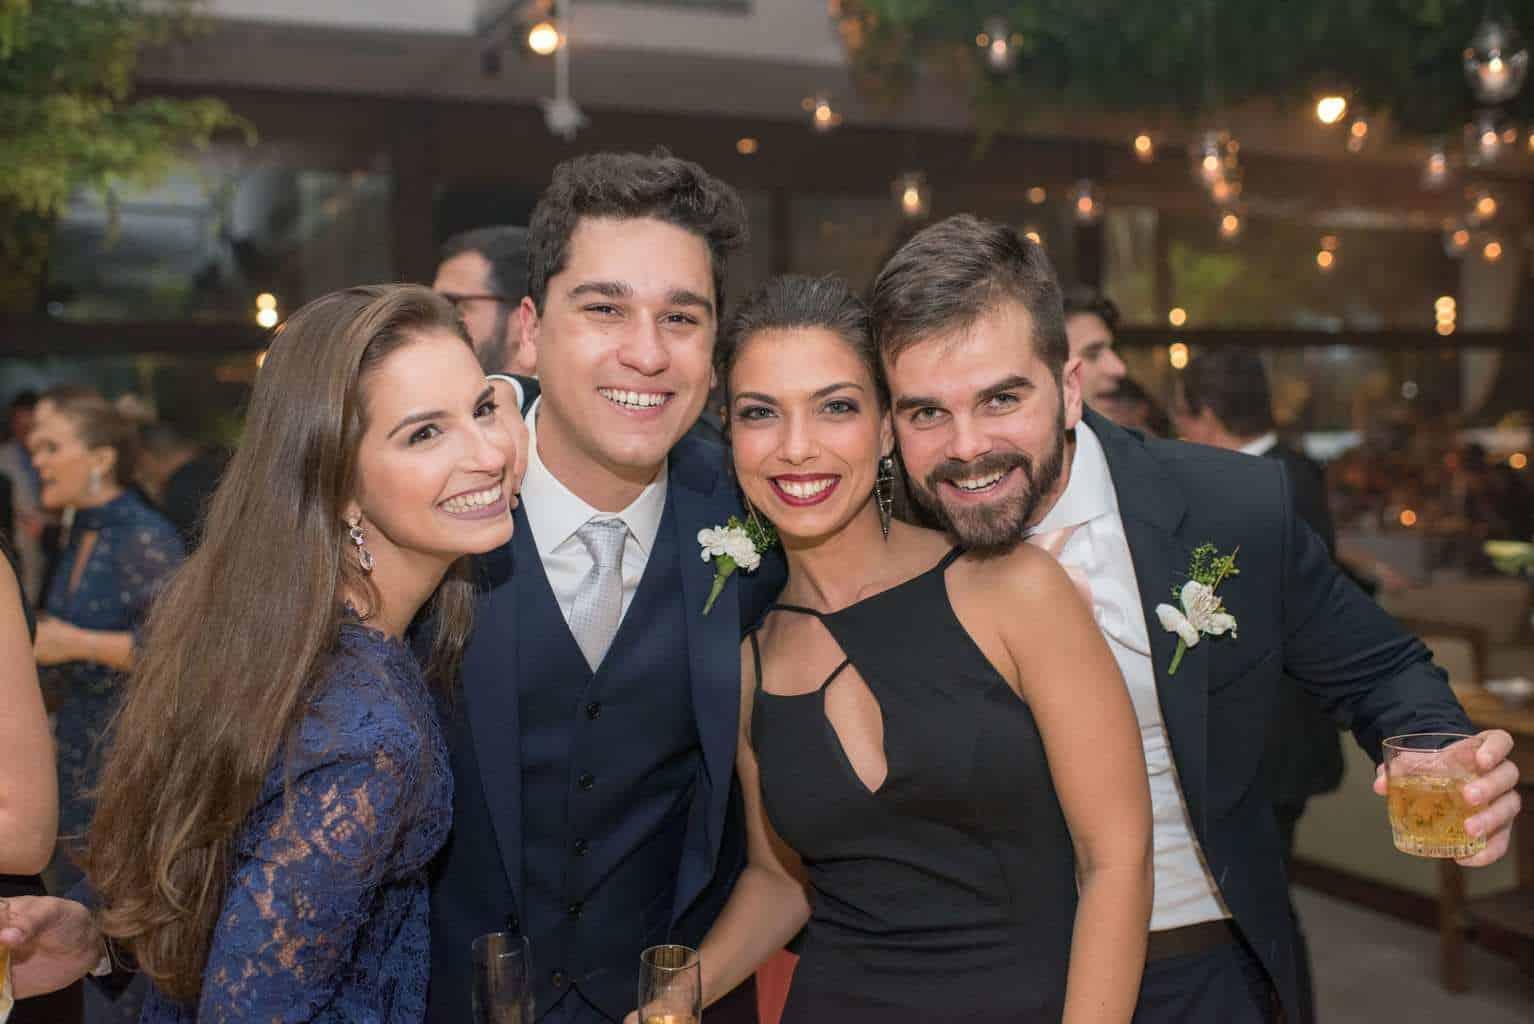 casamento-de-dia-casamento-Nicole-e-Thales-casamento-no-jardim-csasamento-ao-ar-livre-Fotografia-Marina-Fava-Galeria-Jardim-Rio-de-Janeiro-136